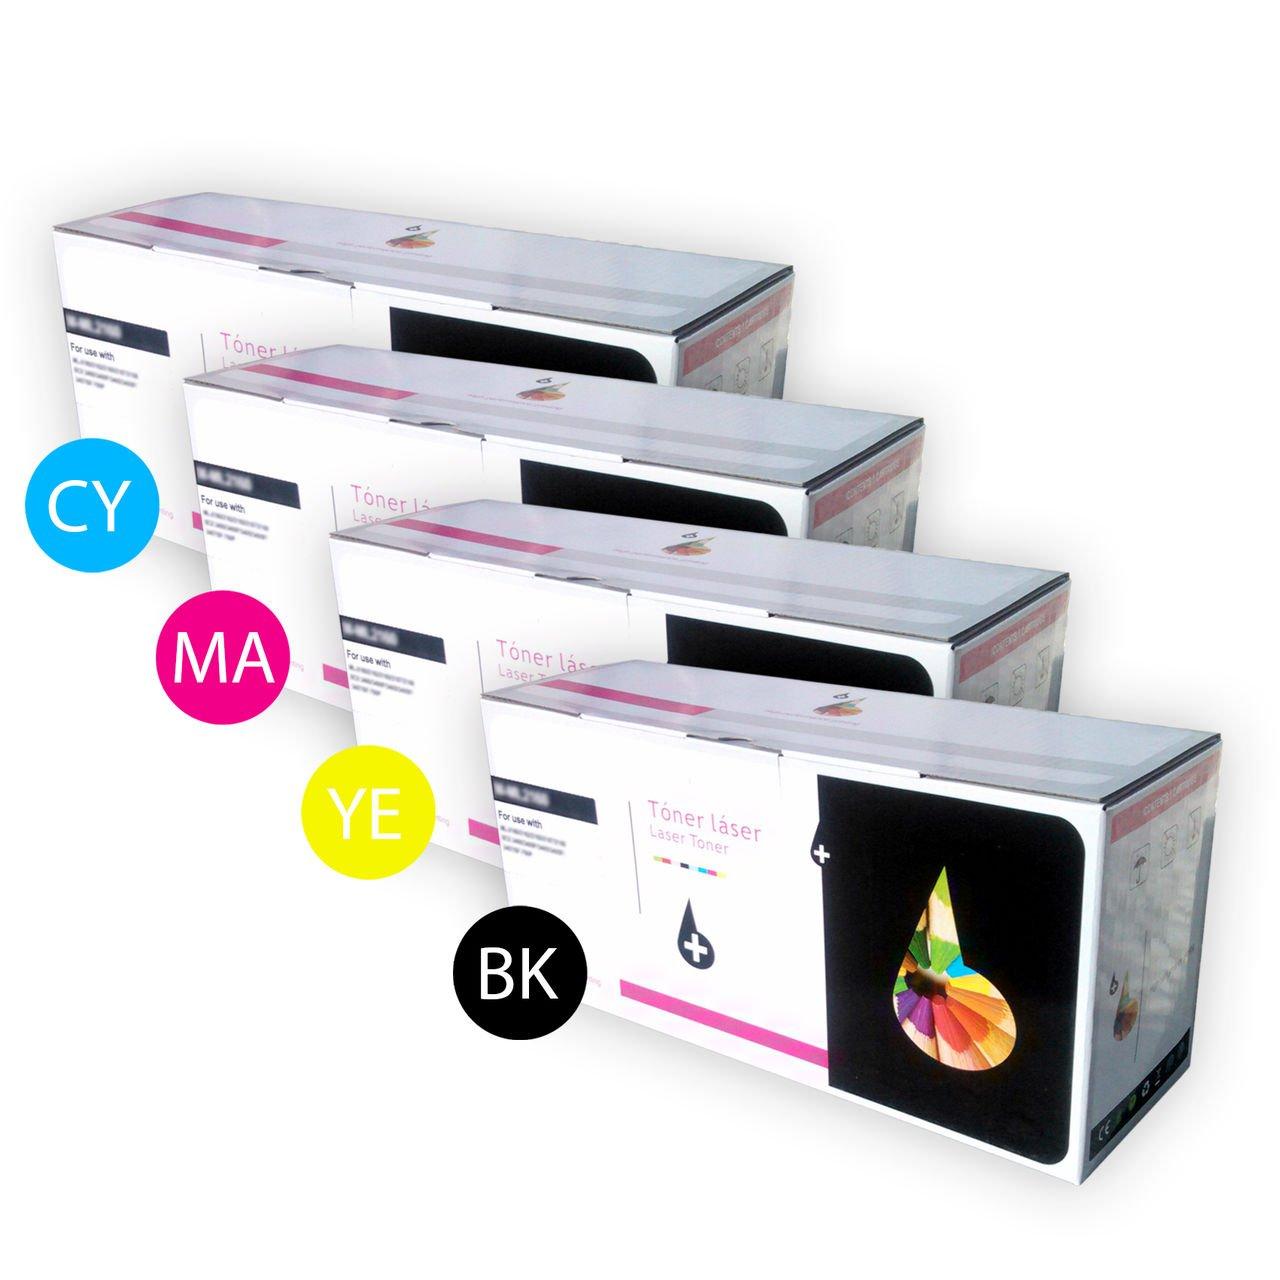 PACK MULTICOLOR 4 x cartuchos de tóner láser COLOR Y NEGRO por solo 39,27€